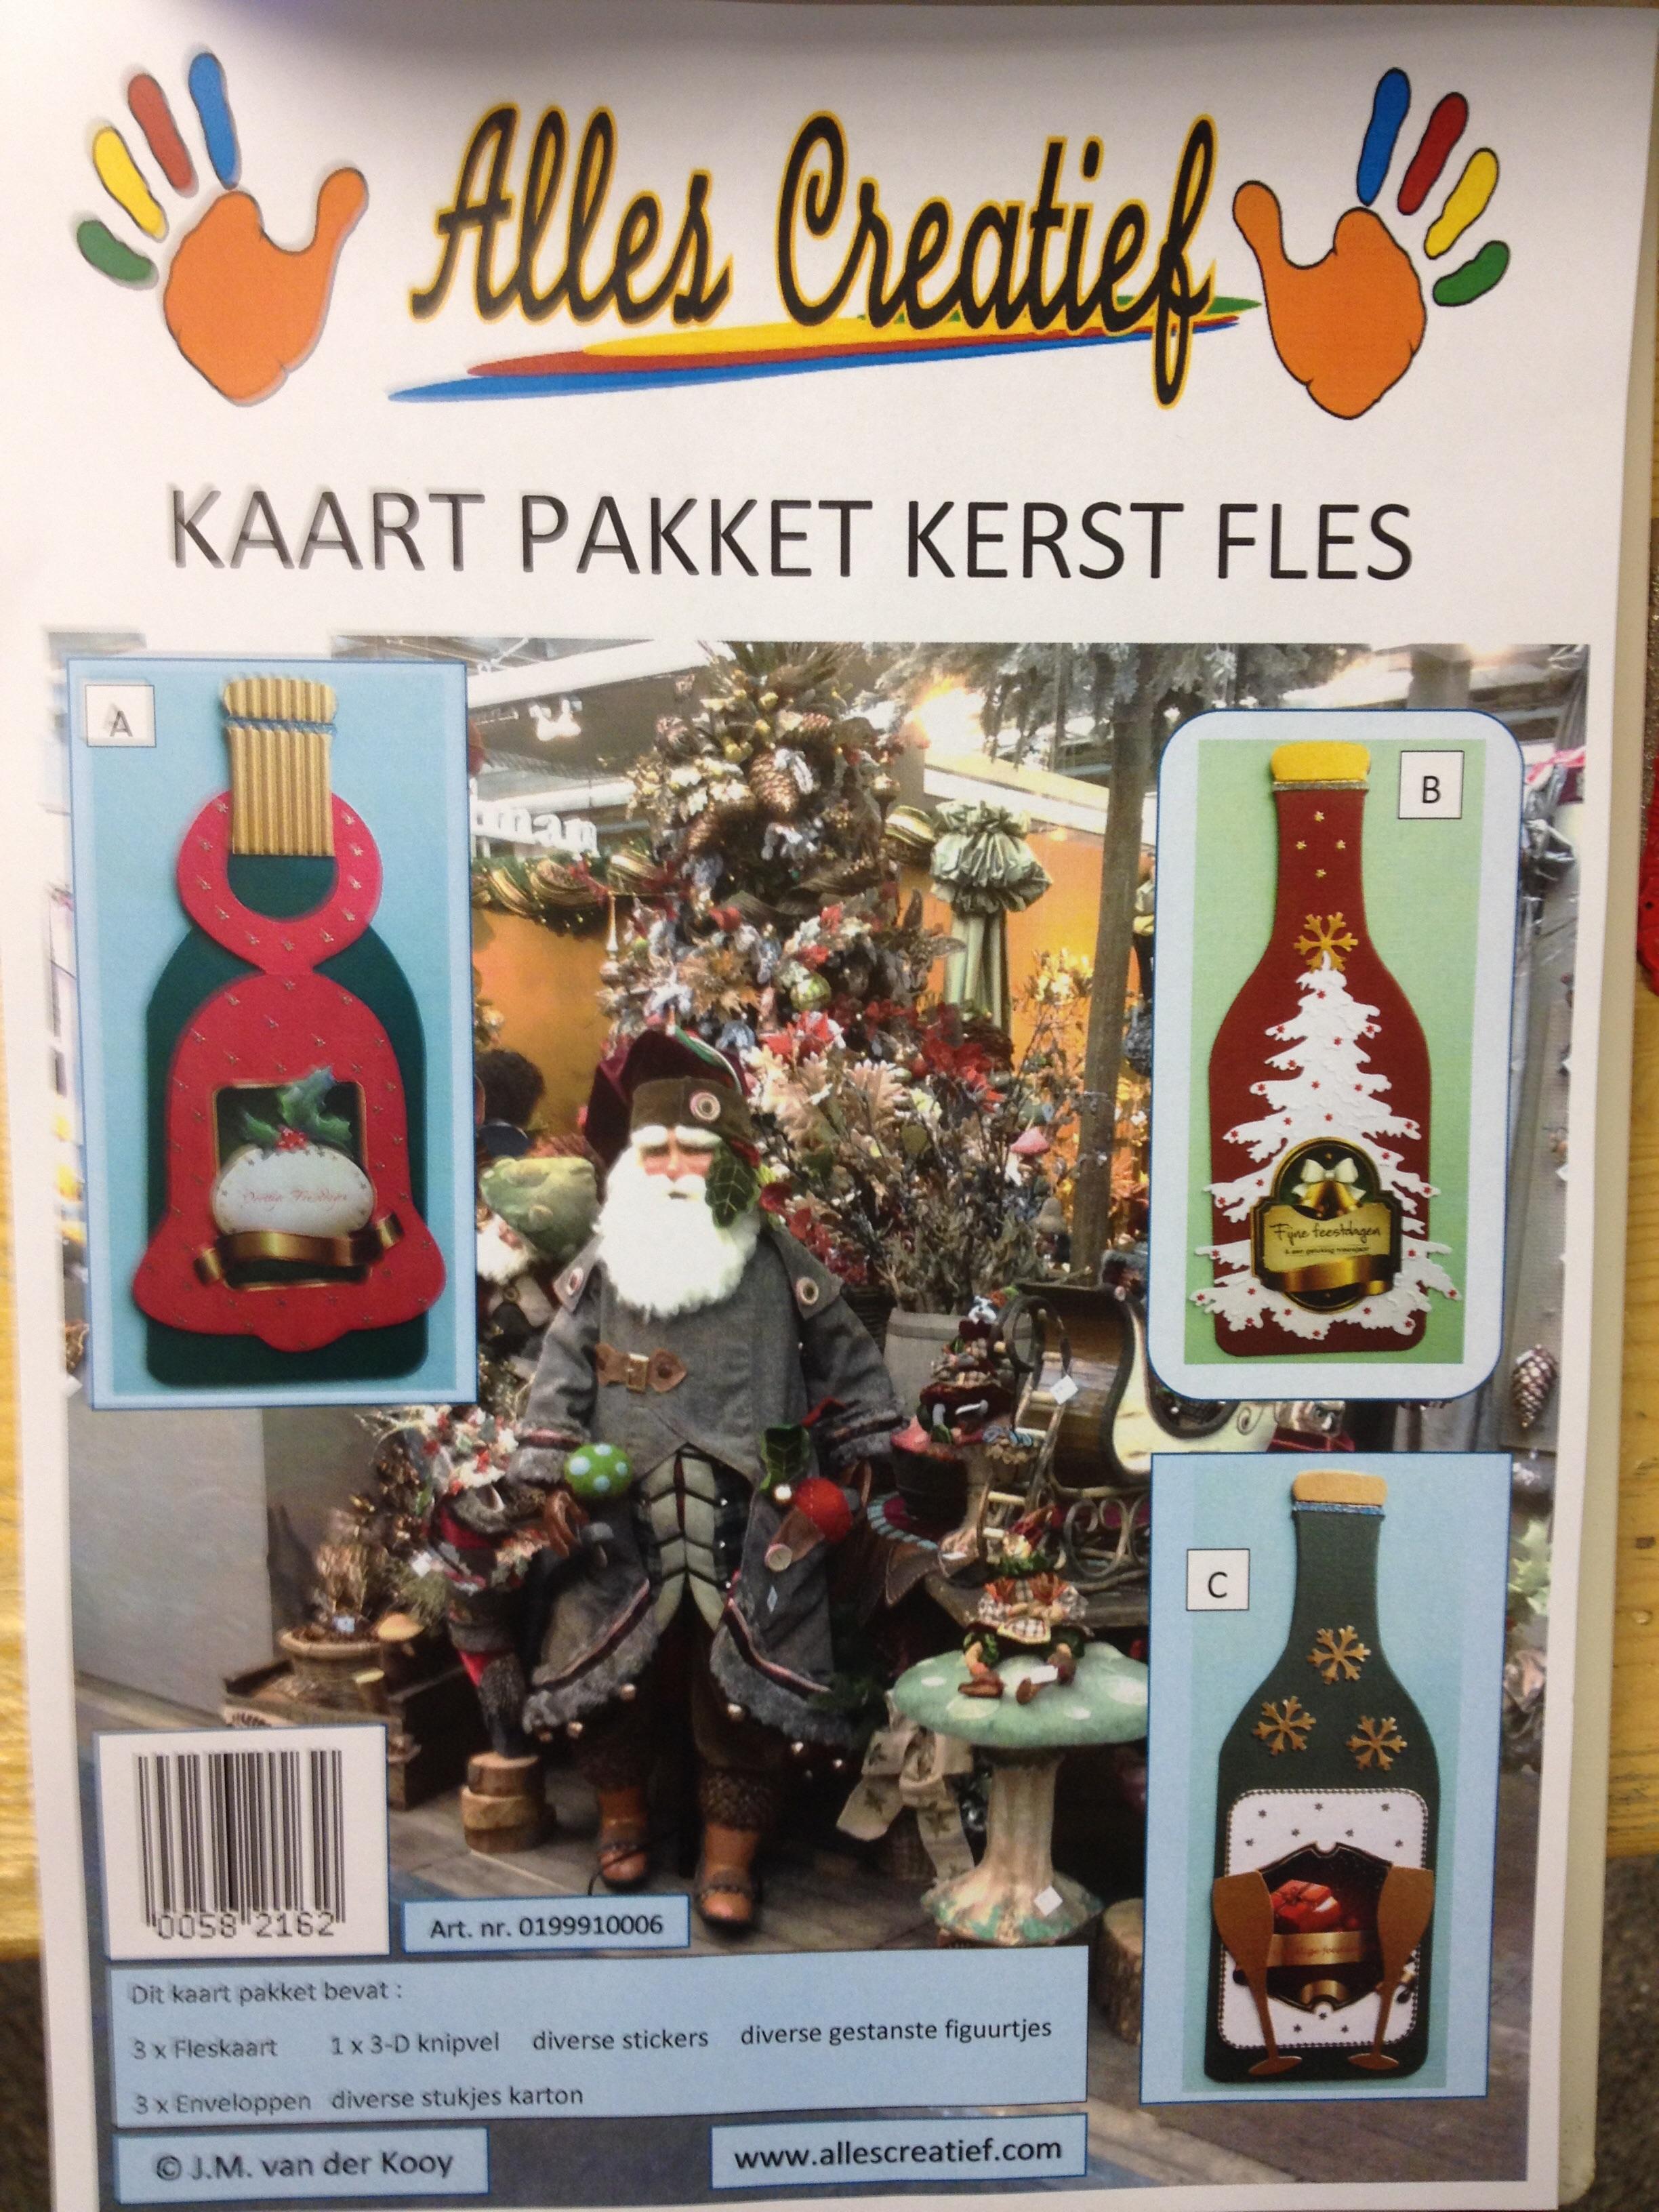 Kaart pakket Kerst fles